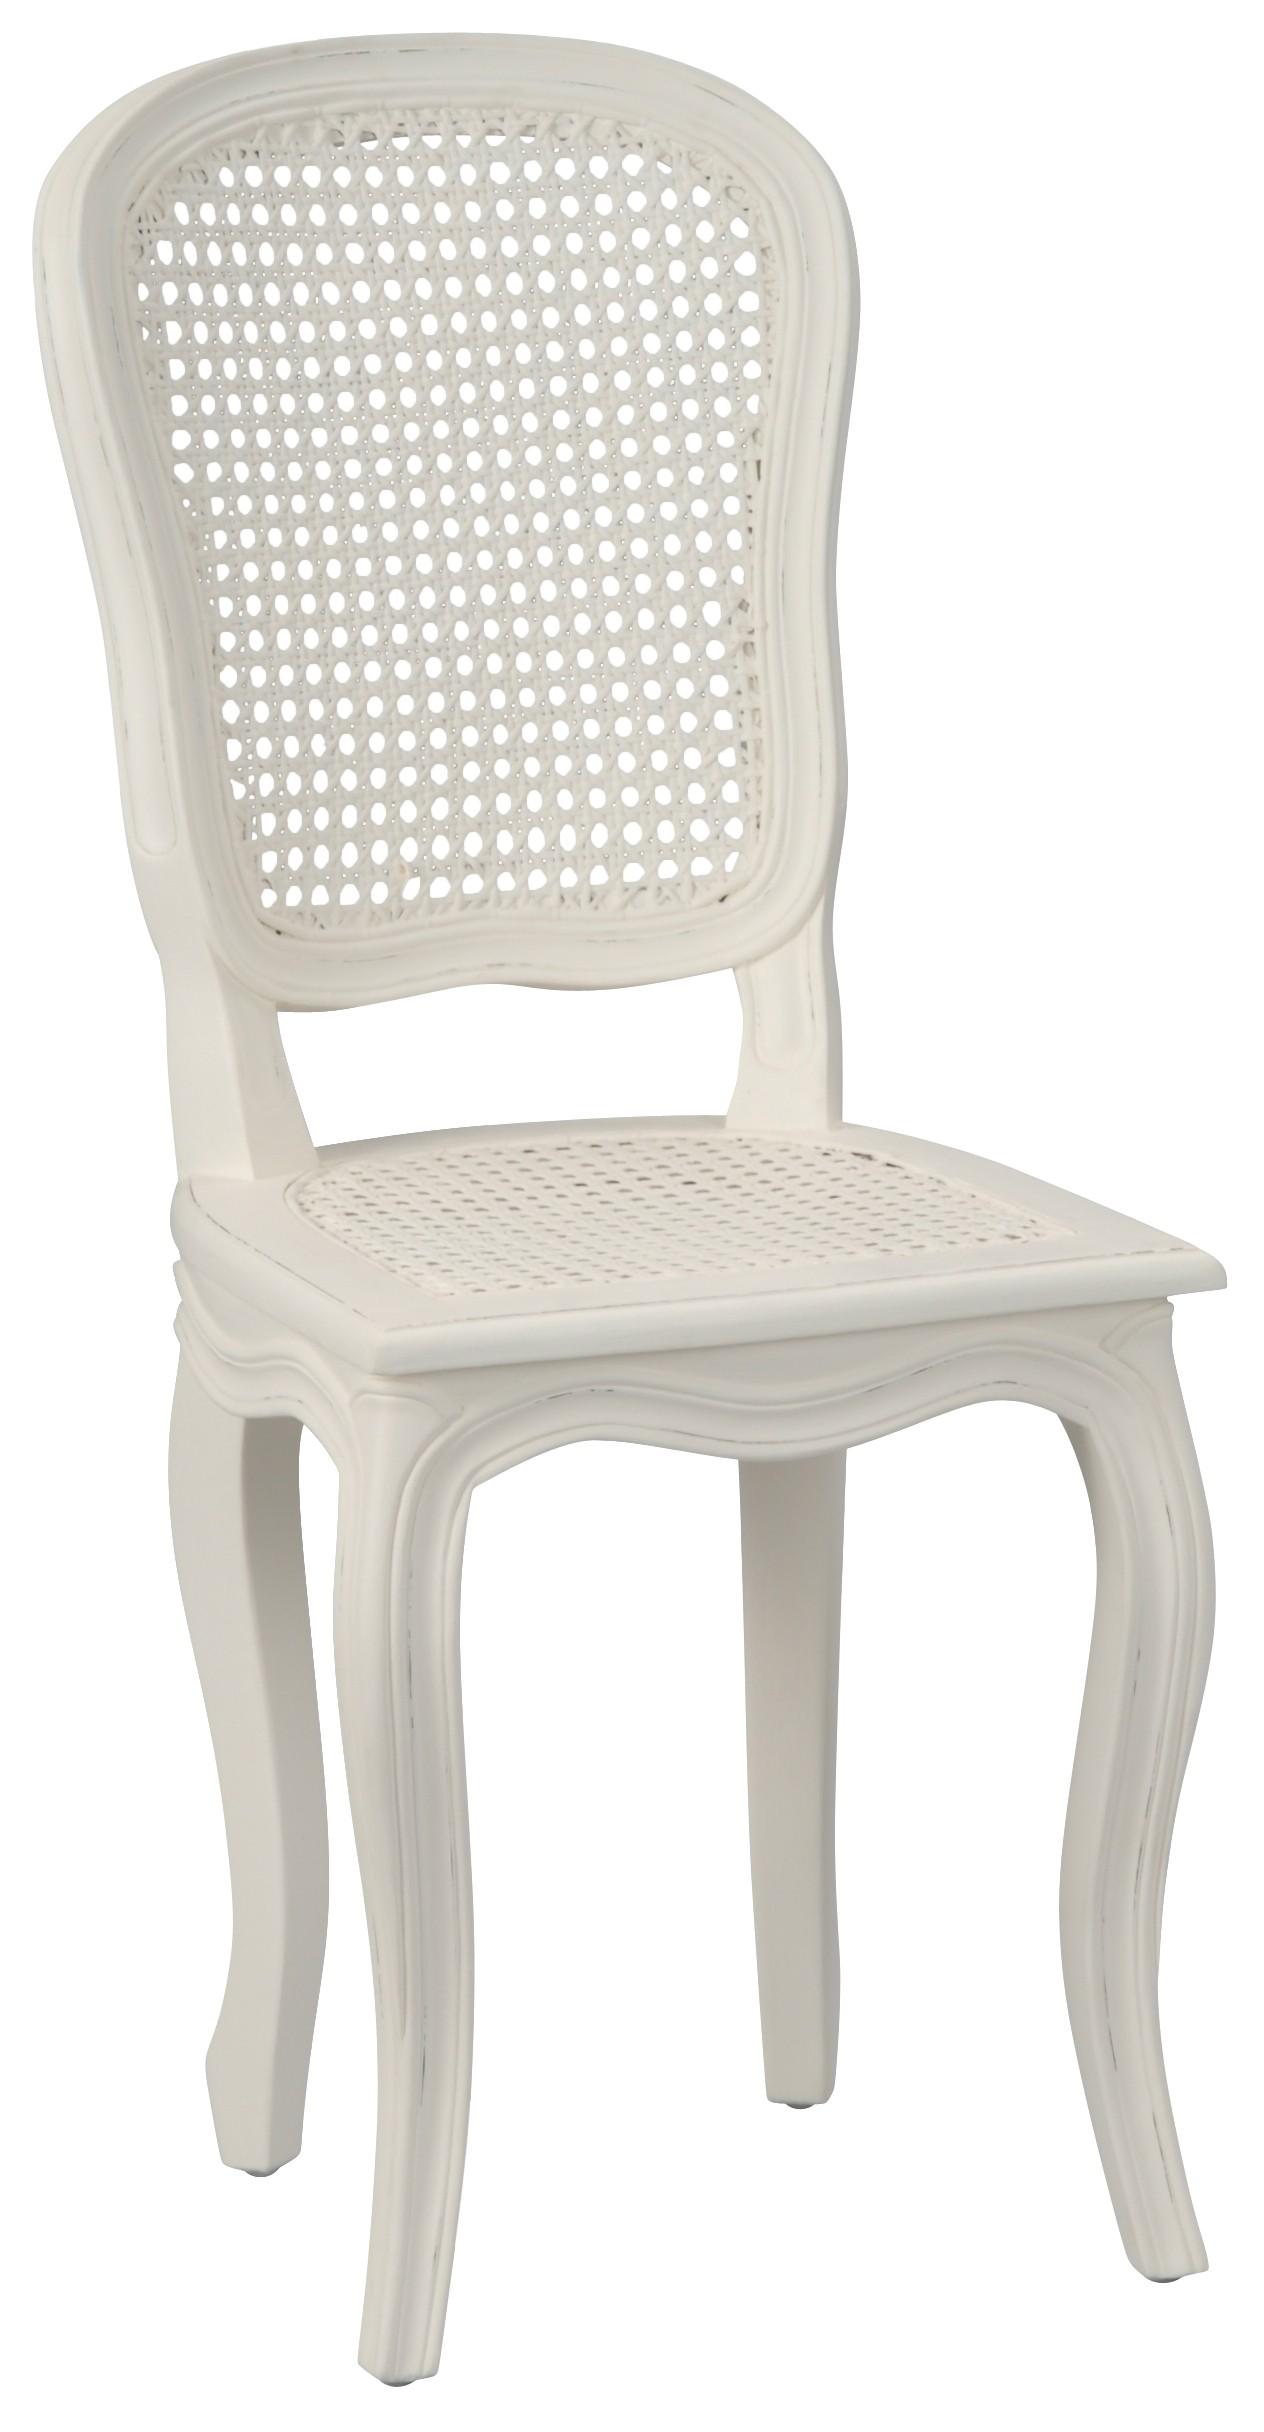 Chaise Salle A Manger Louis Xv chaise romantique cannée louis xv bois crème antique murano l40xp50xh96  amadeus